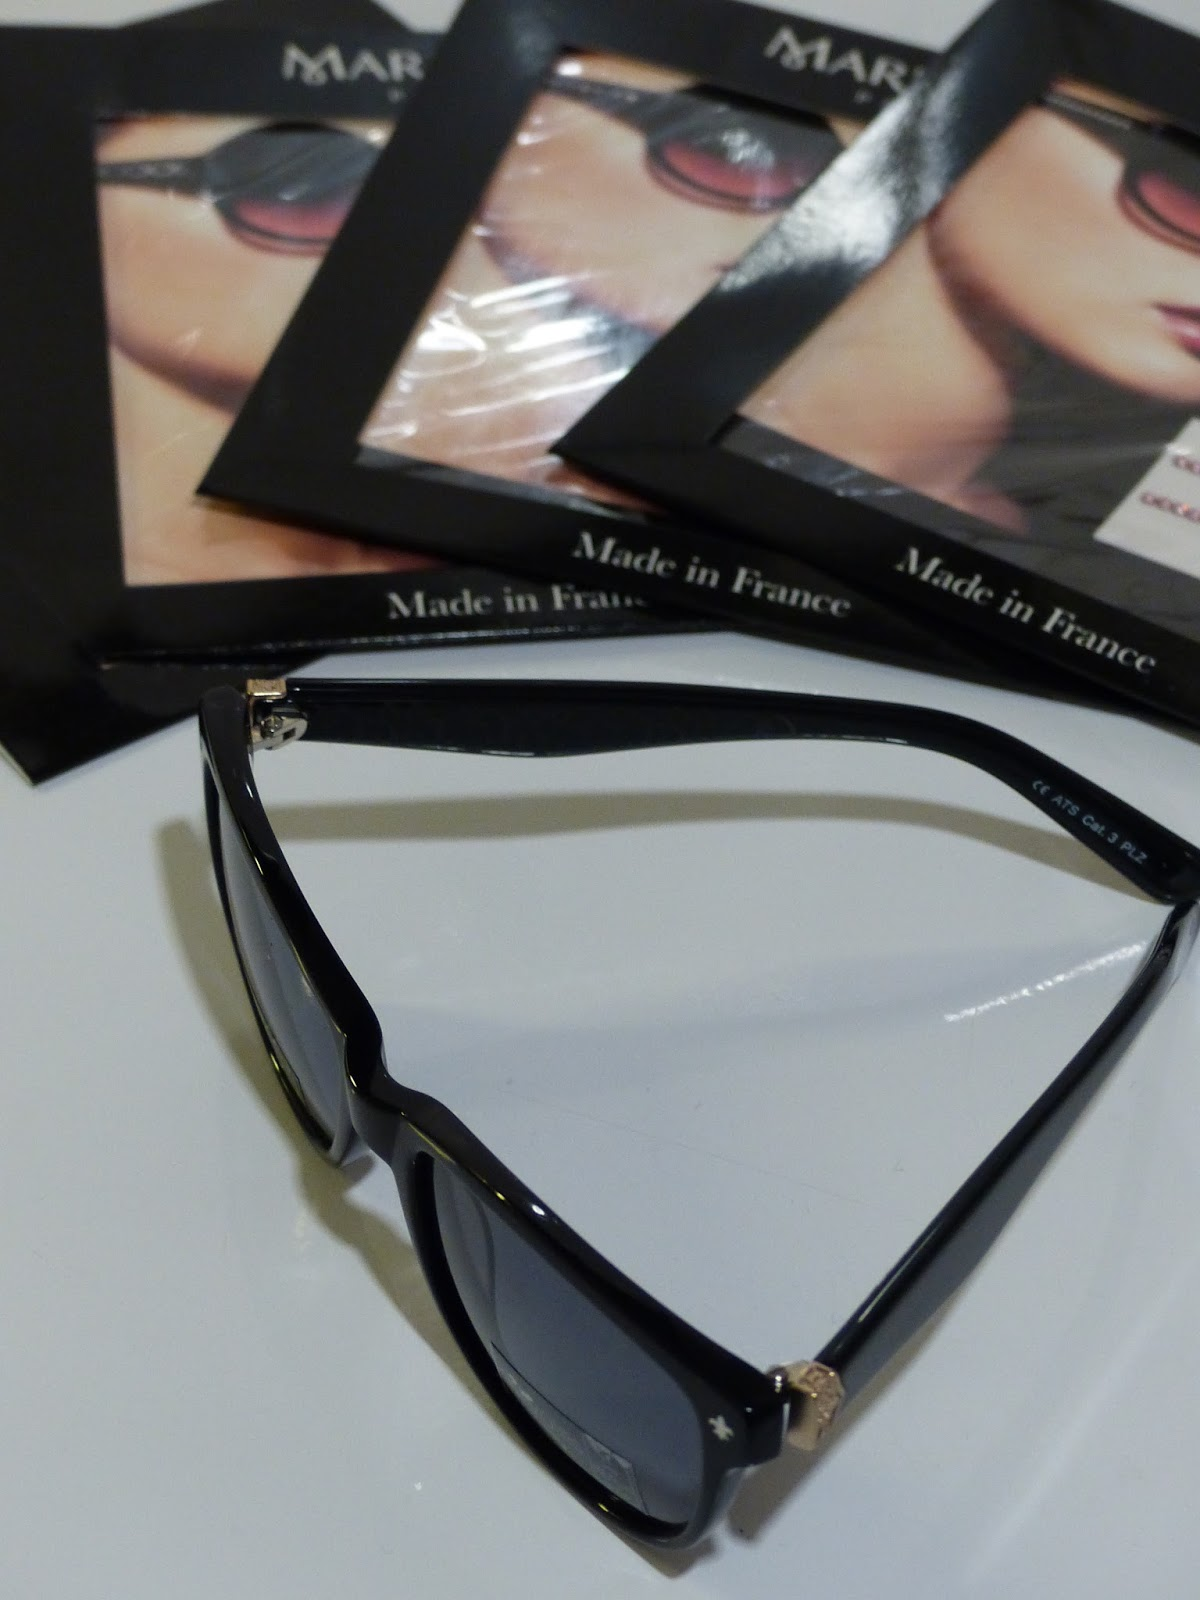 Collection exclusive de bijoux de lunettes pour Lissac par Marbella  (concours inside) 90ddb0168080